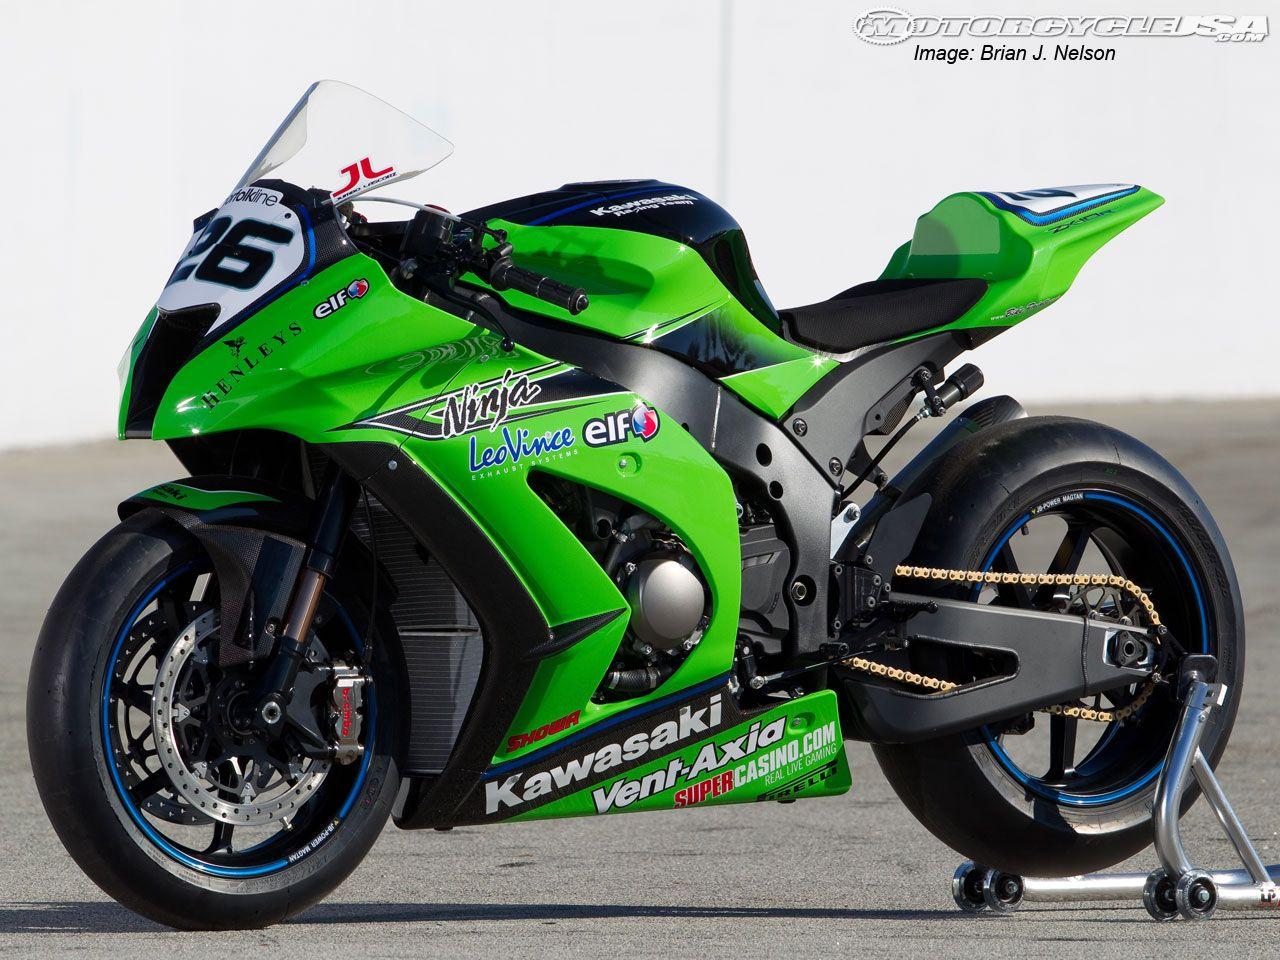 Kawasaki Ninja Zxr Performance Parts